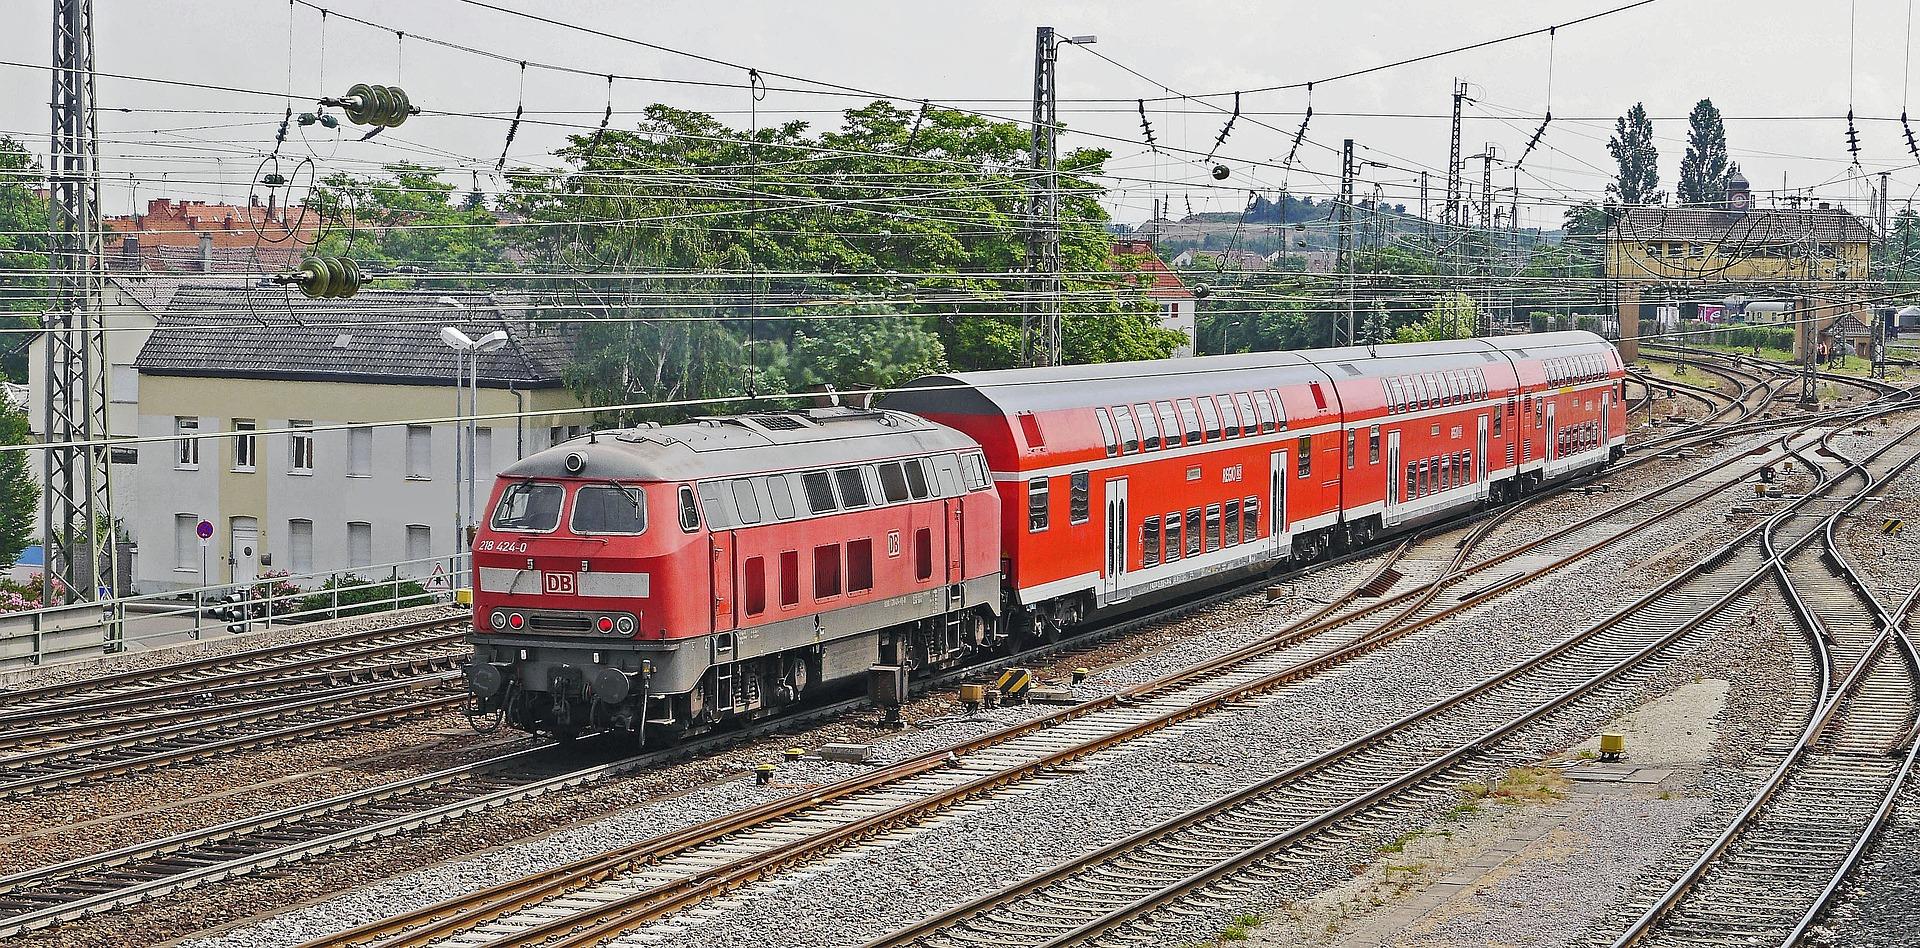 Mit dem Semesterticket bald durch ganz Baden-Württemberg? (Bild: Pixabay)